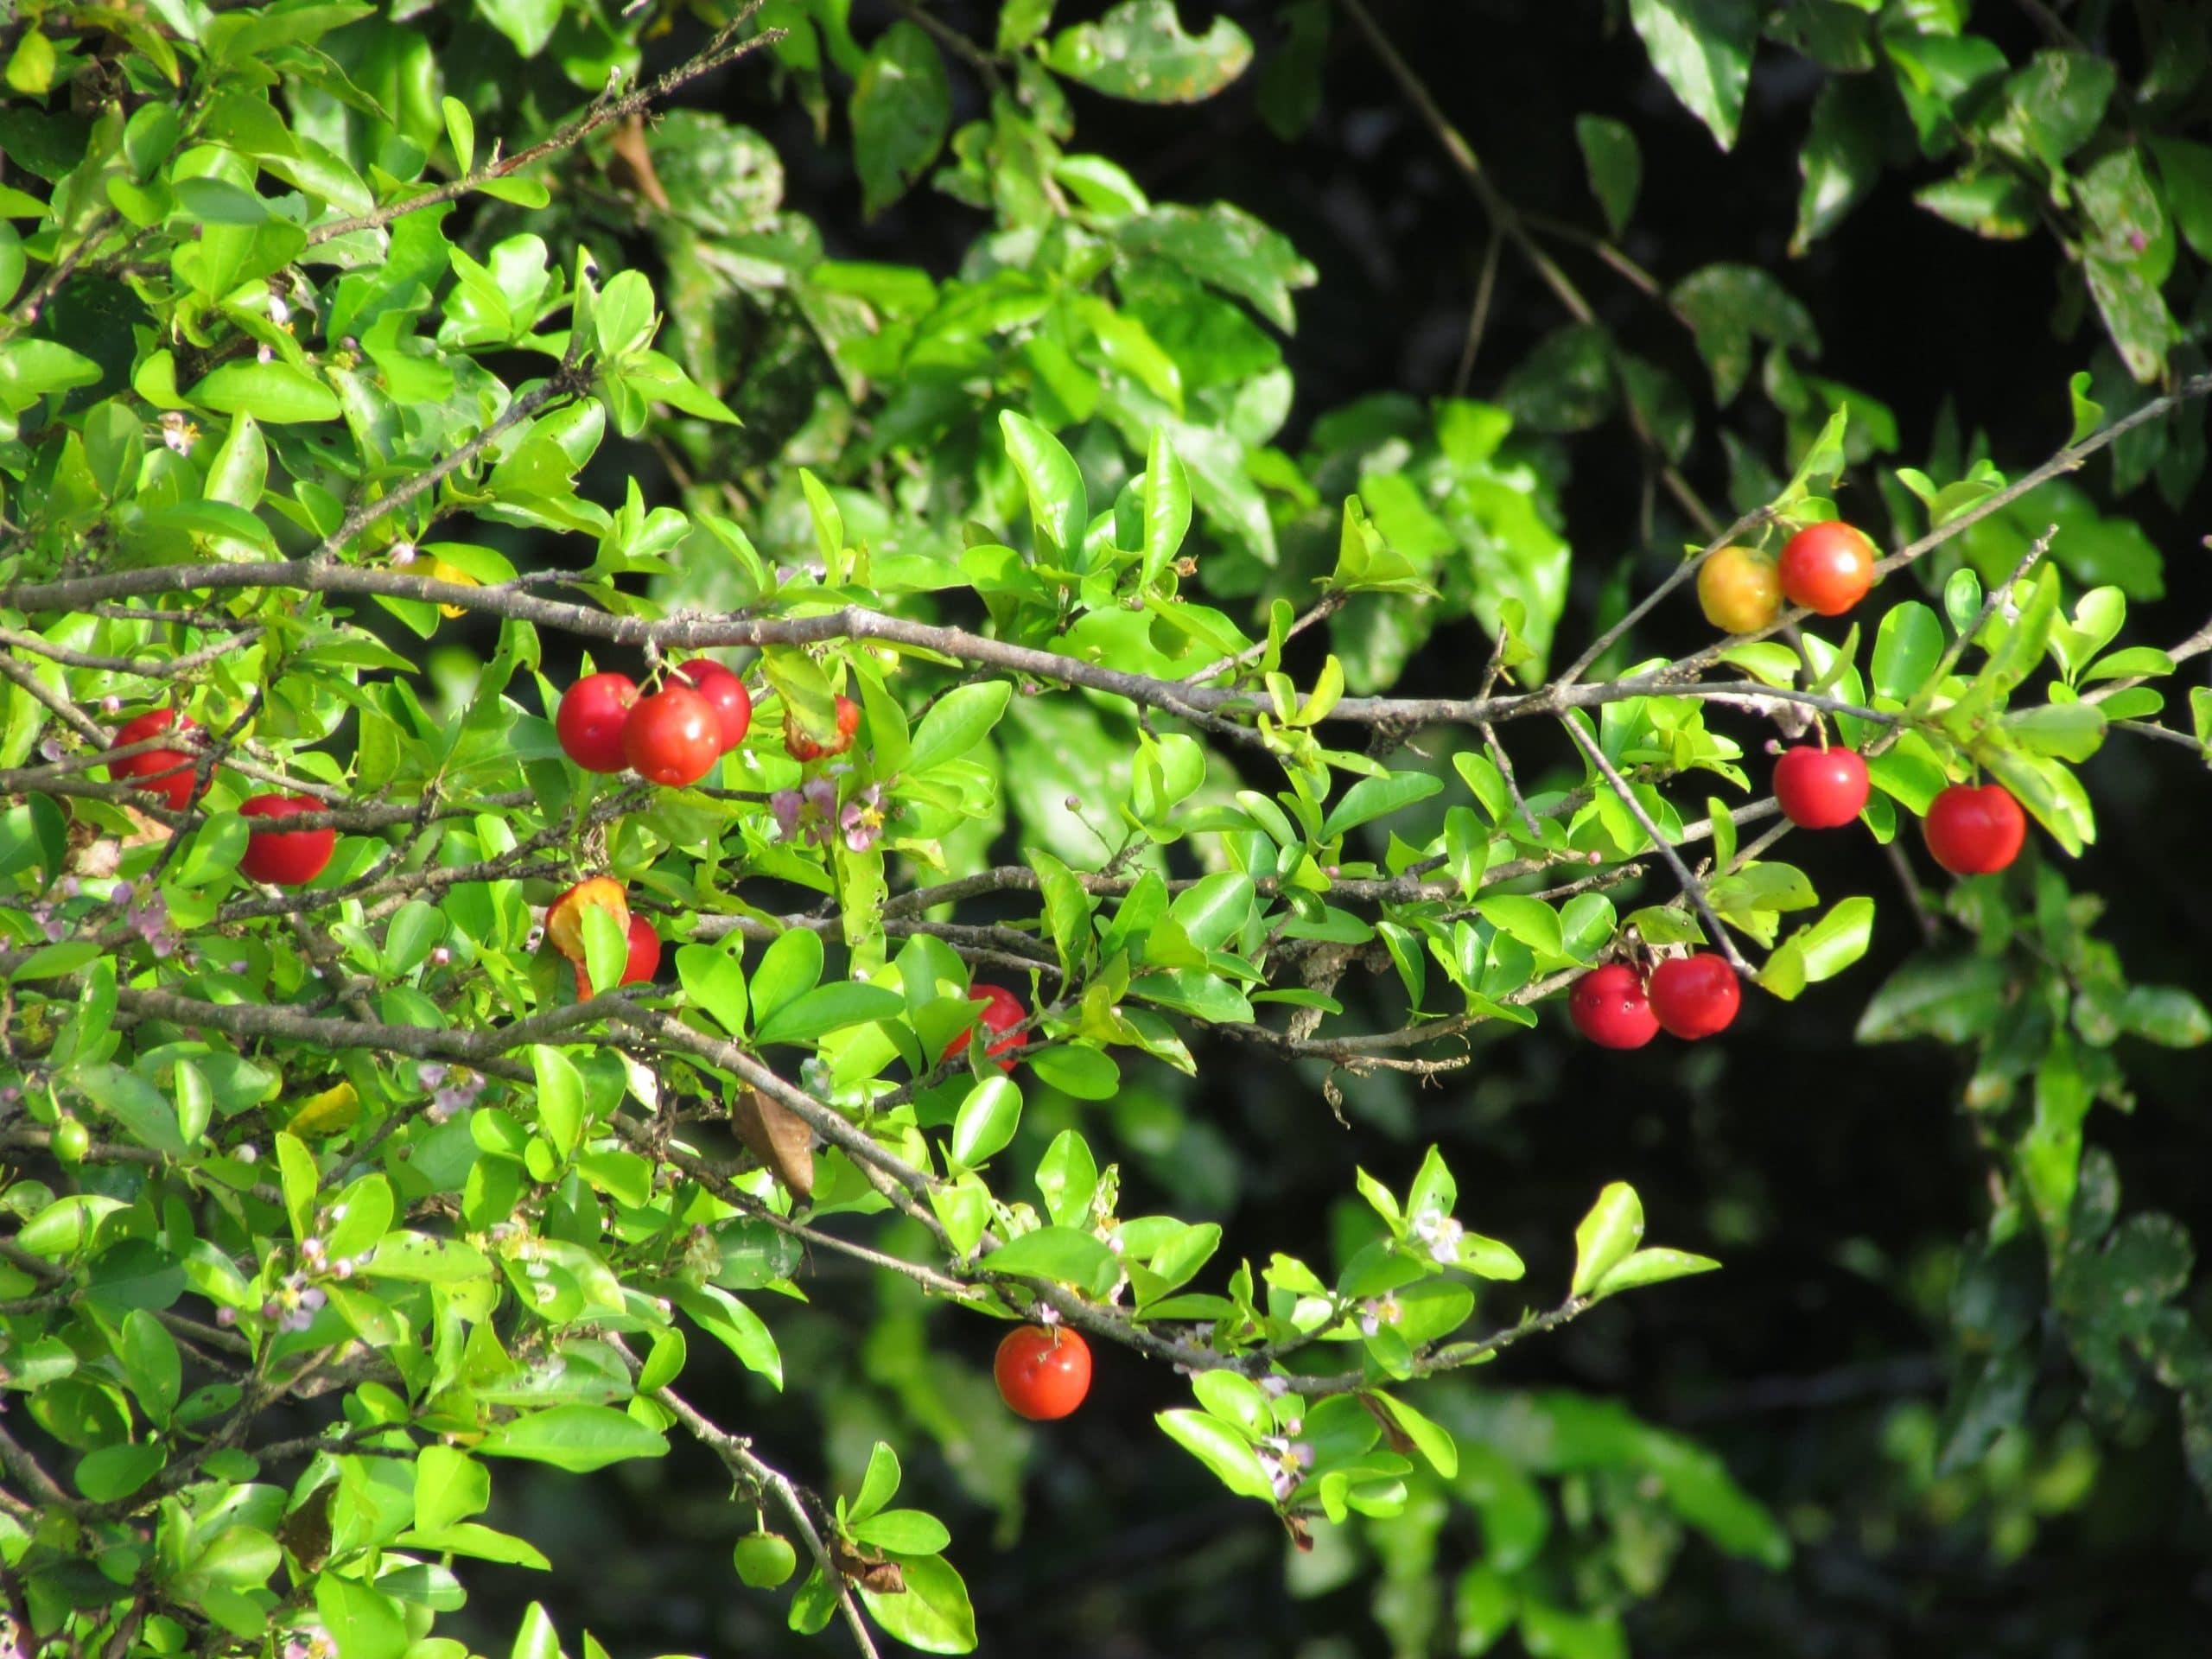 Malpighia emarginata, hojas, ramas y frutos de la acerola